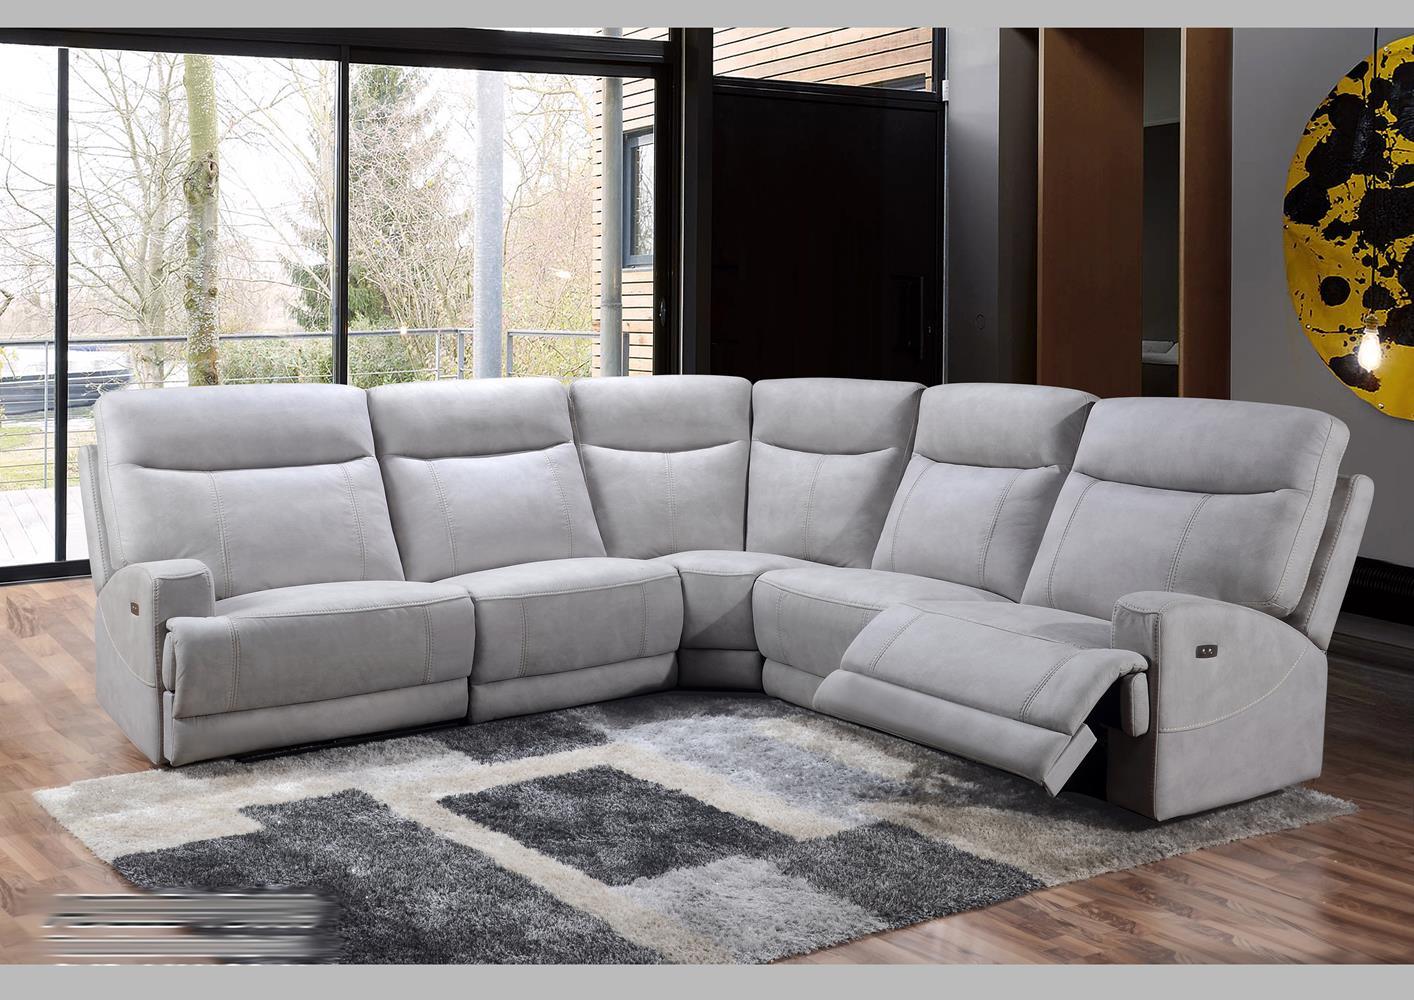 Acheter votre canapé d angle en microfibre 2 relax